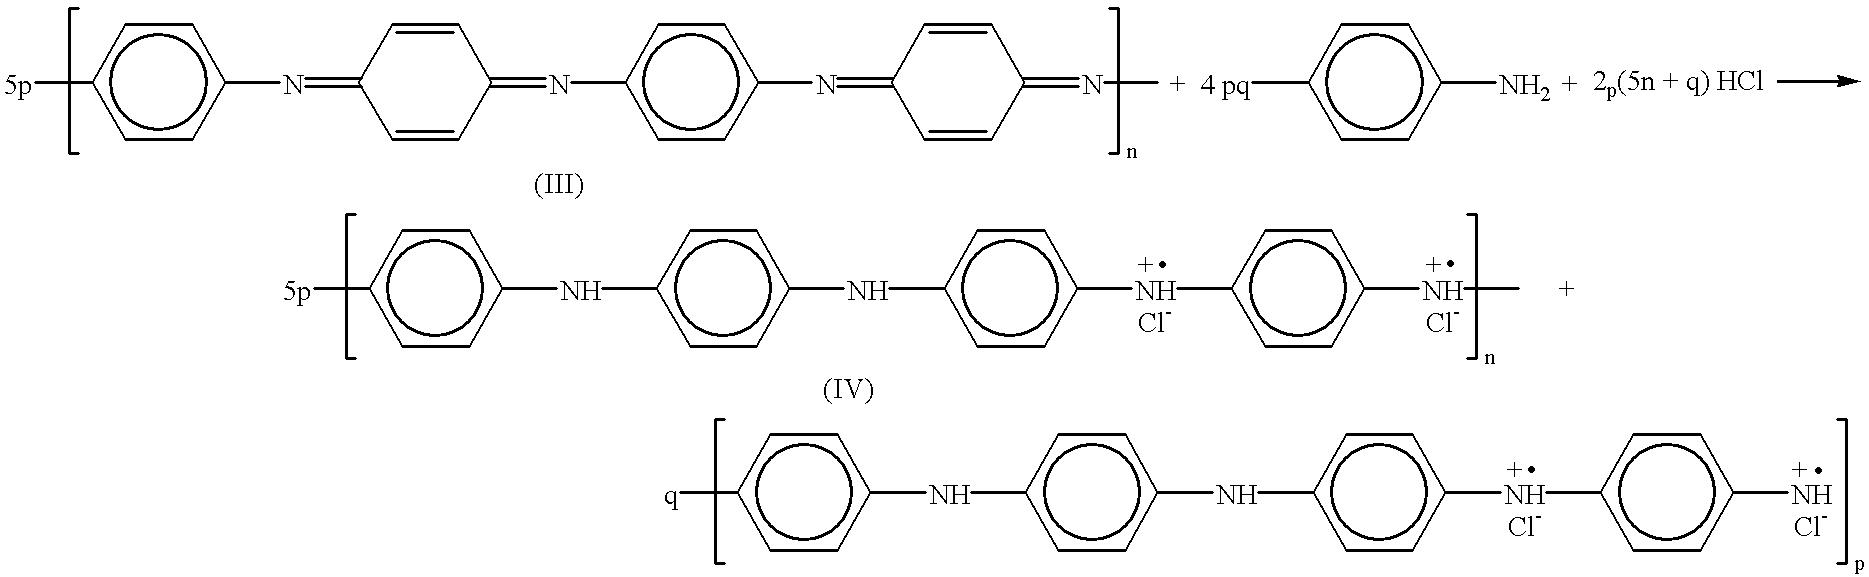 Figure US06265532-20010724-C00005